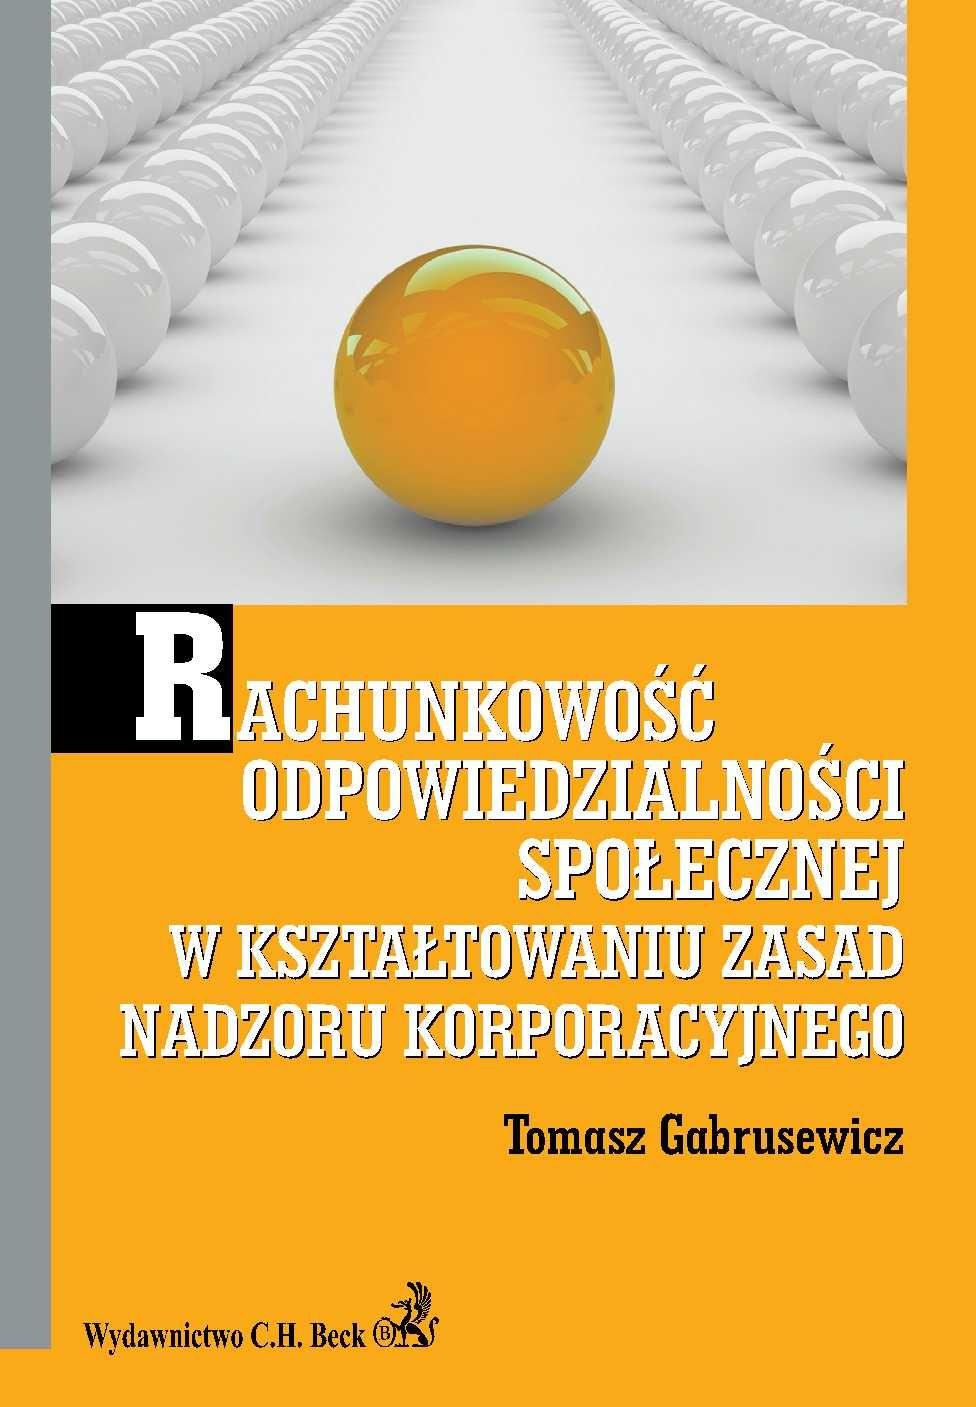 Rachunkowość odpowiedzialności społecznej w kształtowaniu zasad nadzoru korporacyjnego - Ebook (Książka PDF) do pobrania w formacie PDF